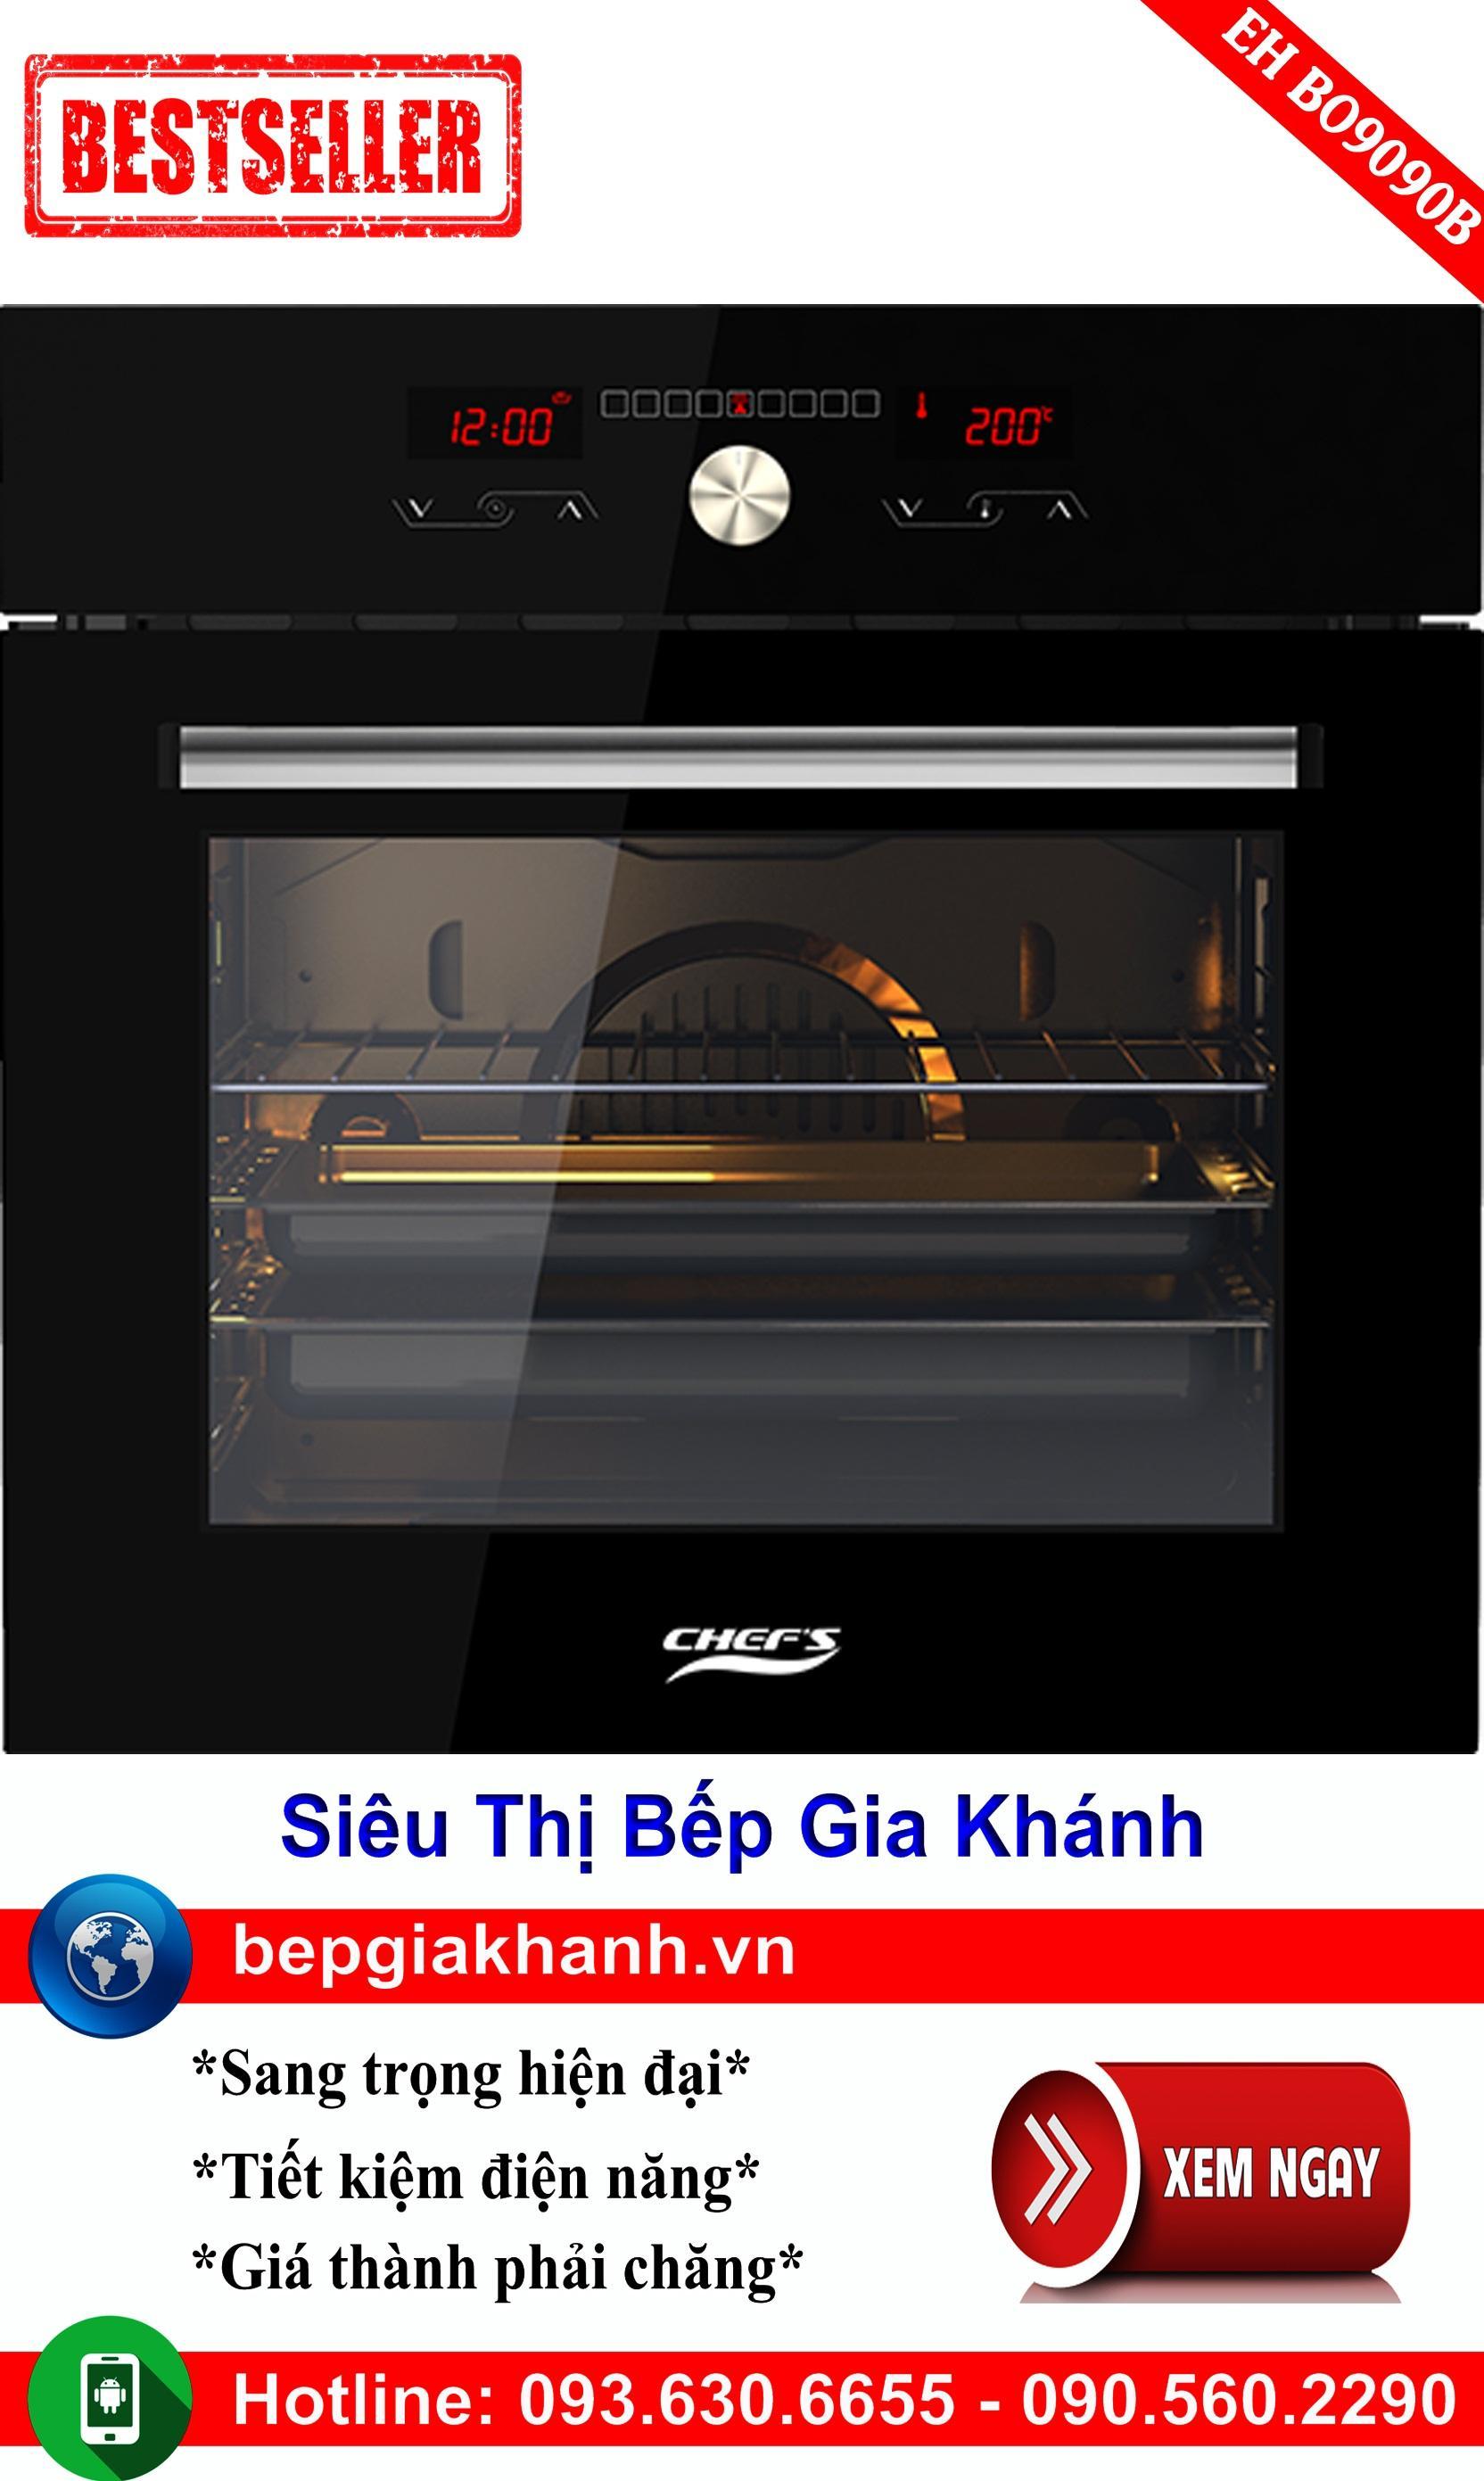 Lò nướng điện đa năng Chefs EH BO9090B, lò nướng điện, lò nướng bánh, lò nướng thủy tinh, lò nướng bánh mì, lò nướng bánh bông lan